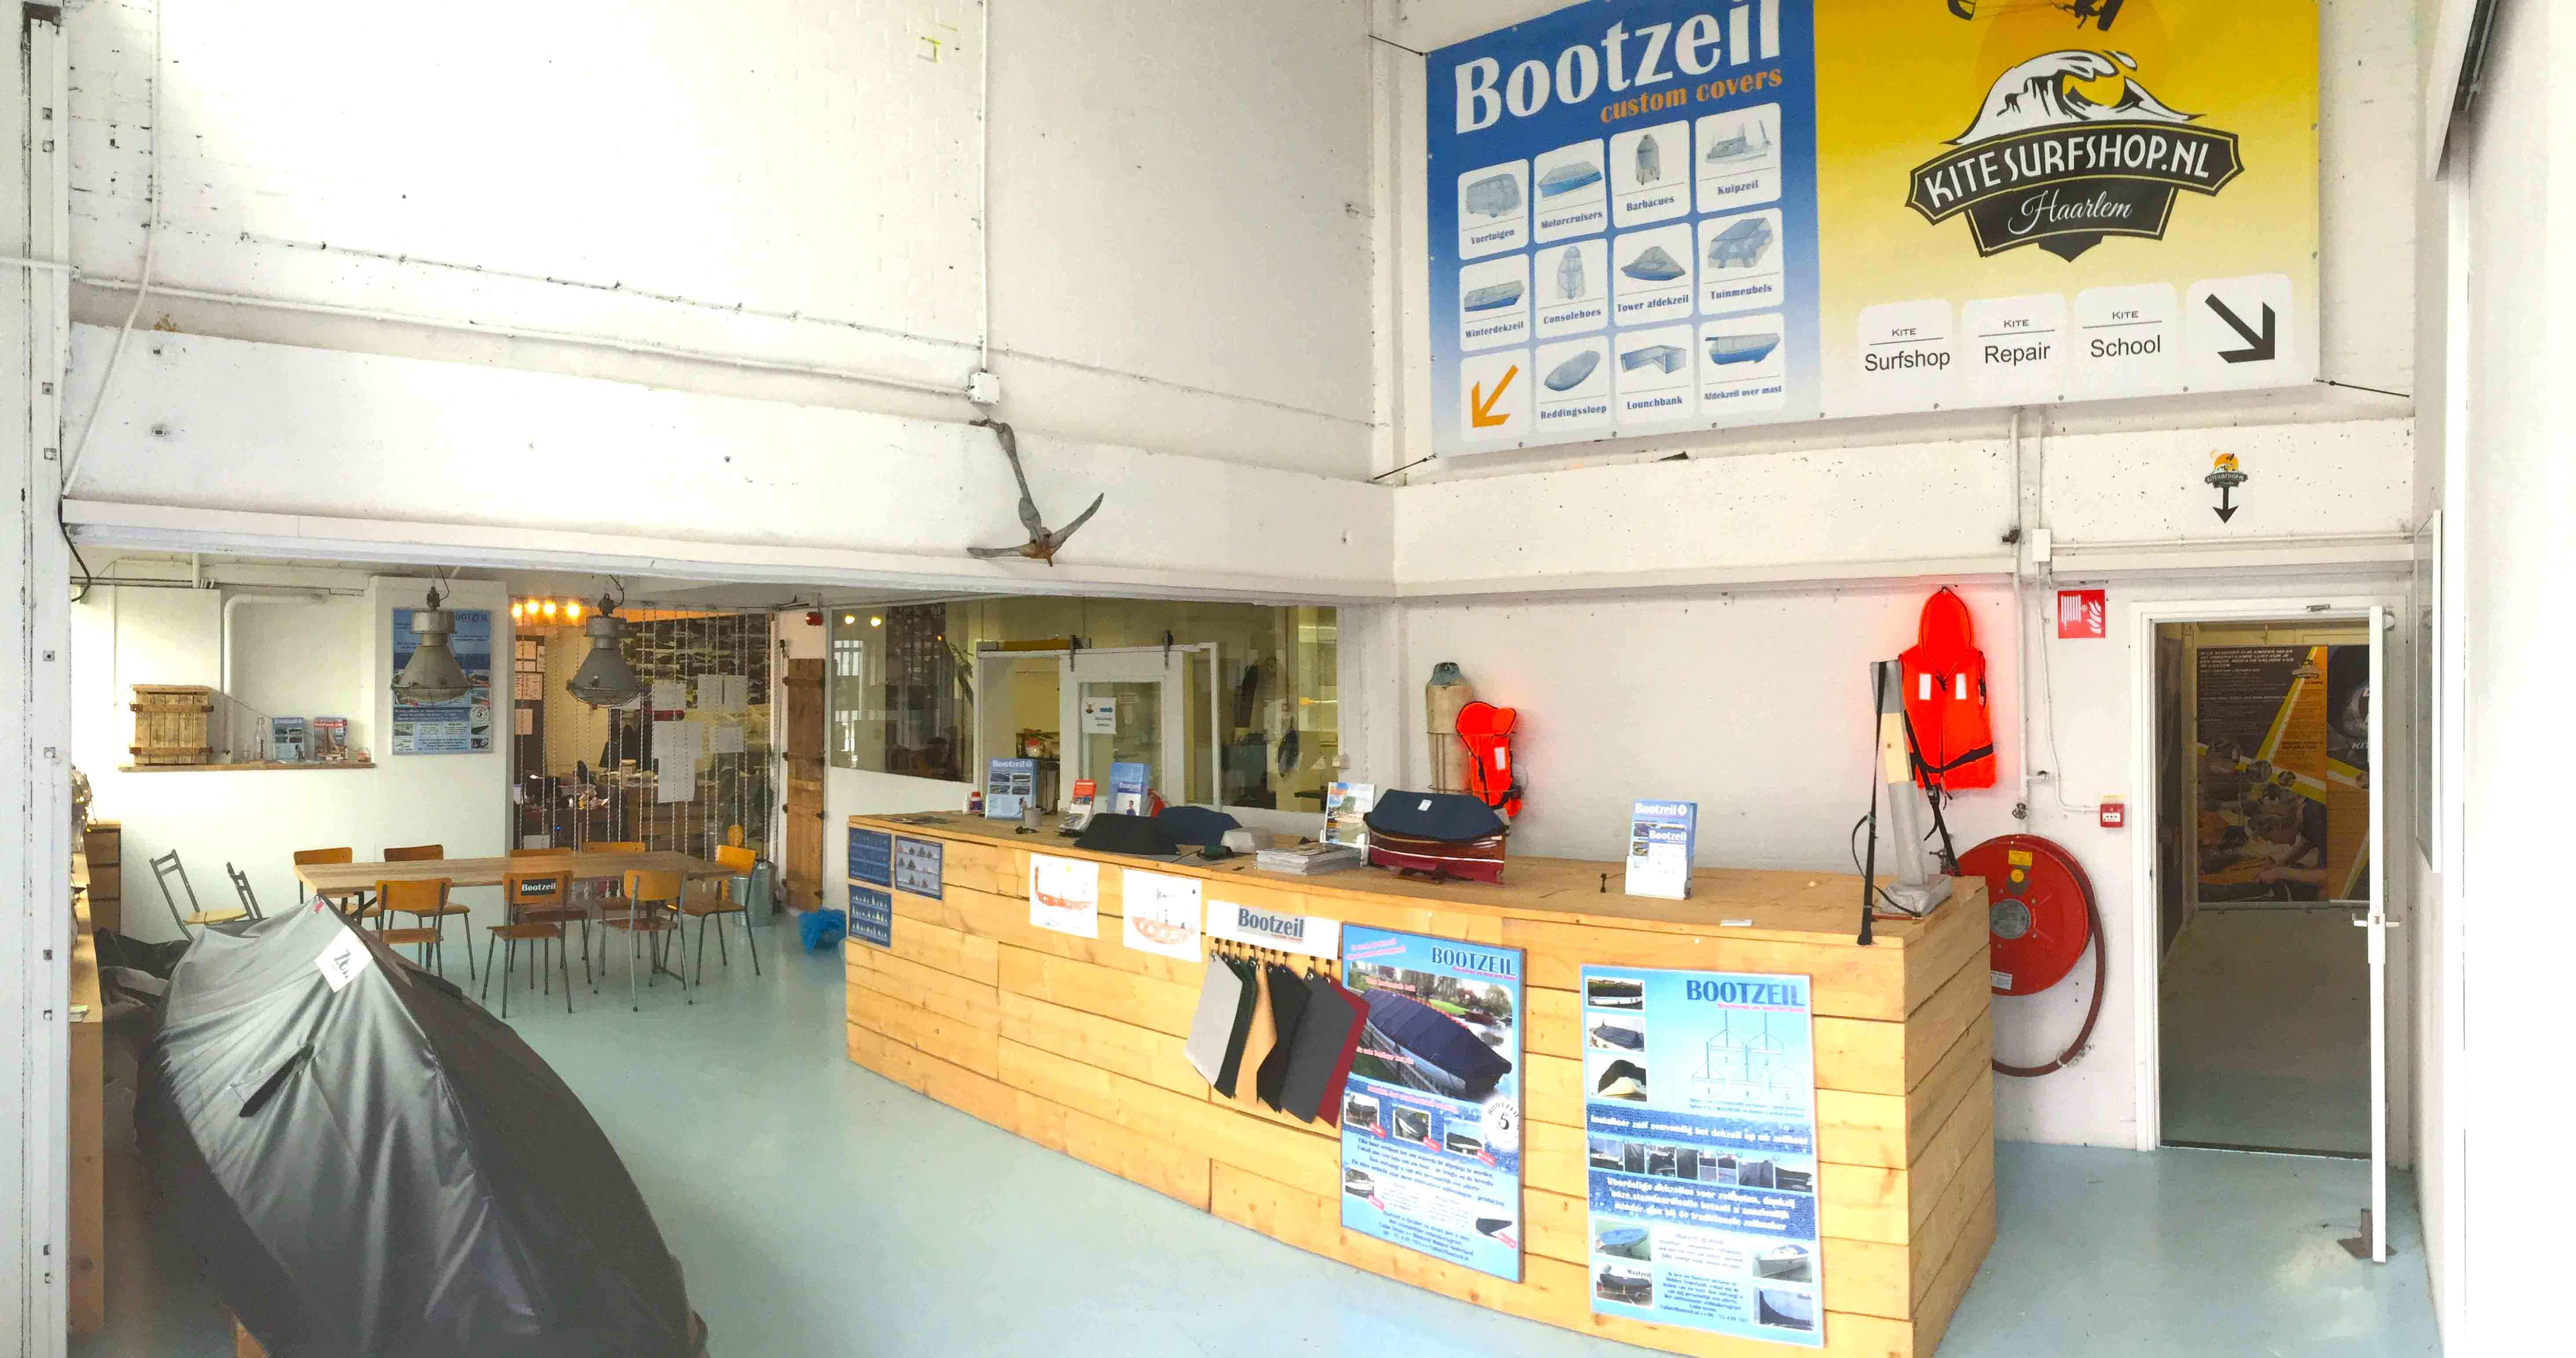 bootzeil-kantoor